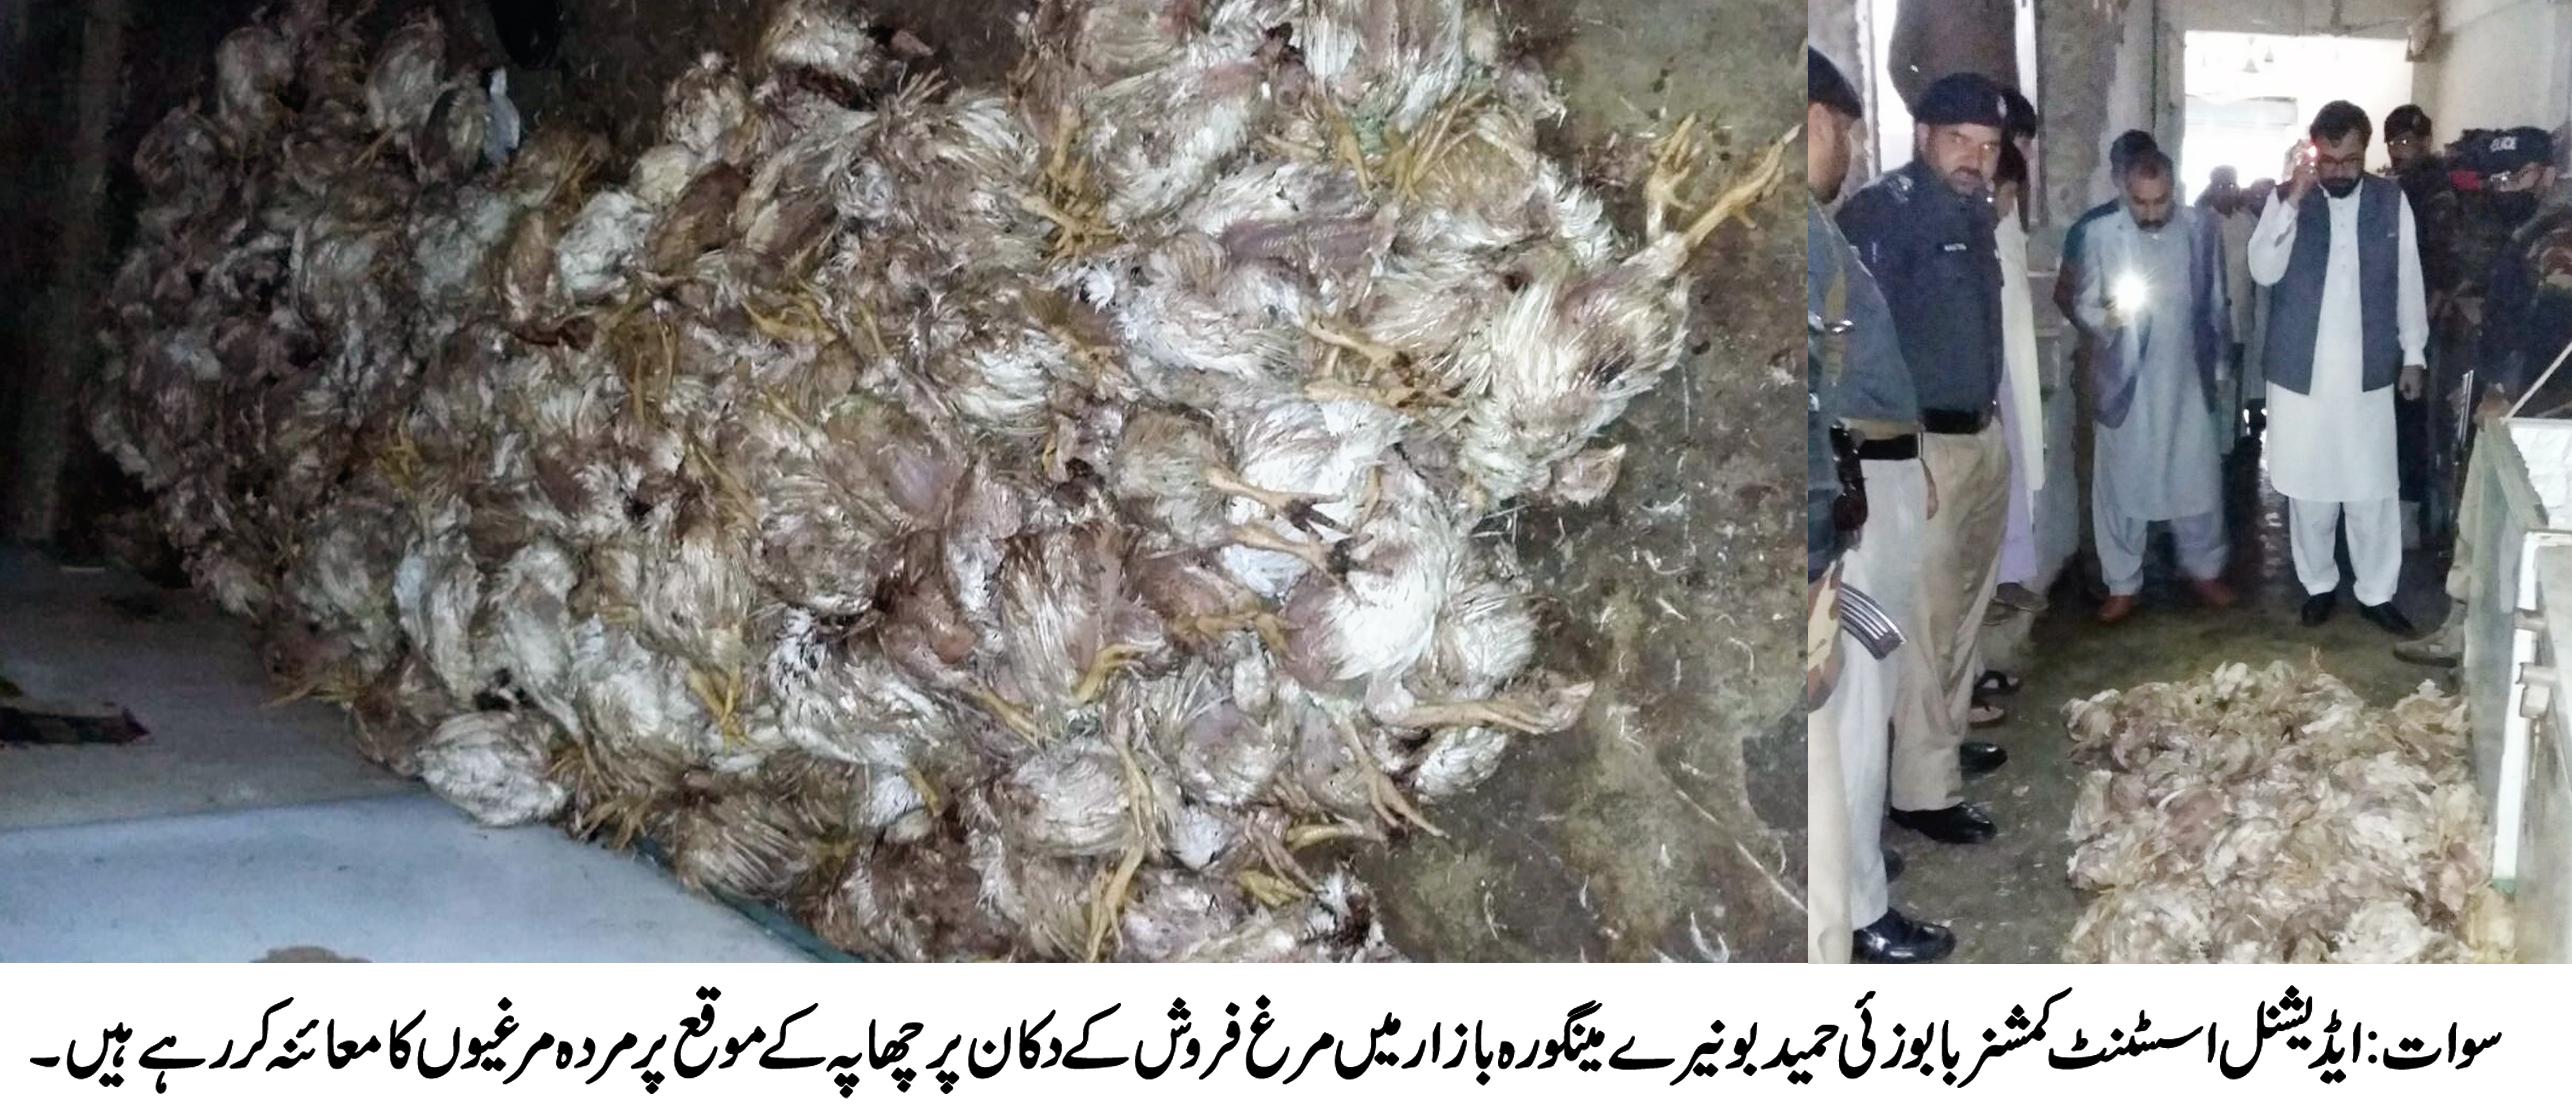 ضلعی انتظامیہ کی بڑی کاروائی ، مینگورہ شہر میں 300سے زائد مضر صحت مردہ مرغیاں برامد